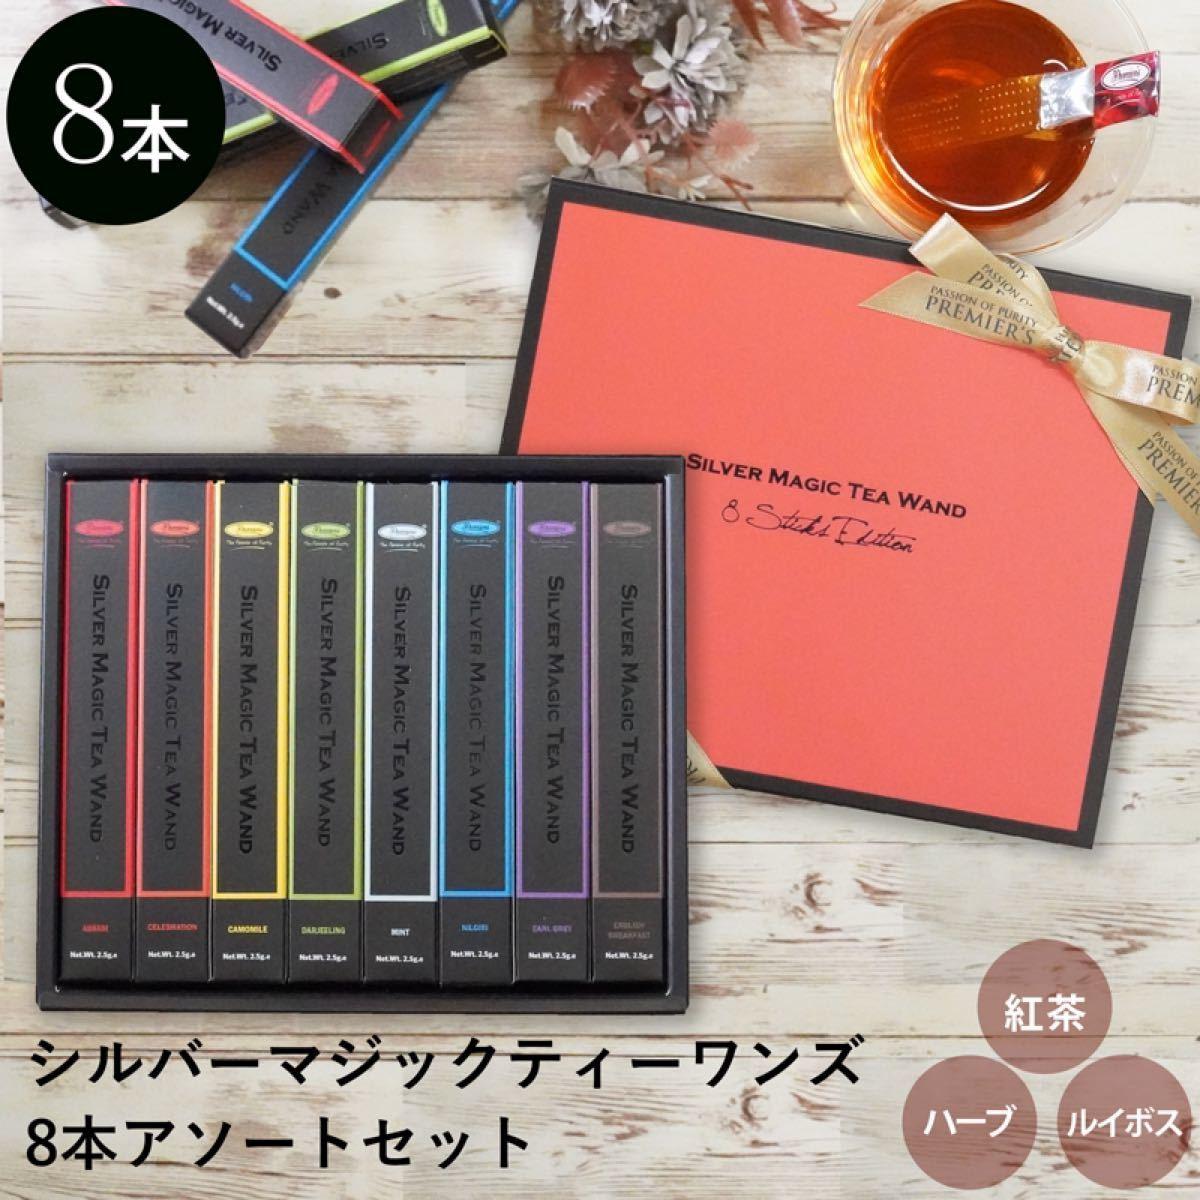 紅茶☆シルバーマジックティーワンズ8本入アソート